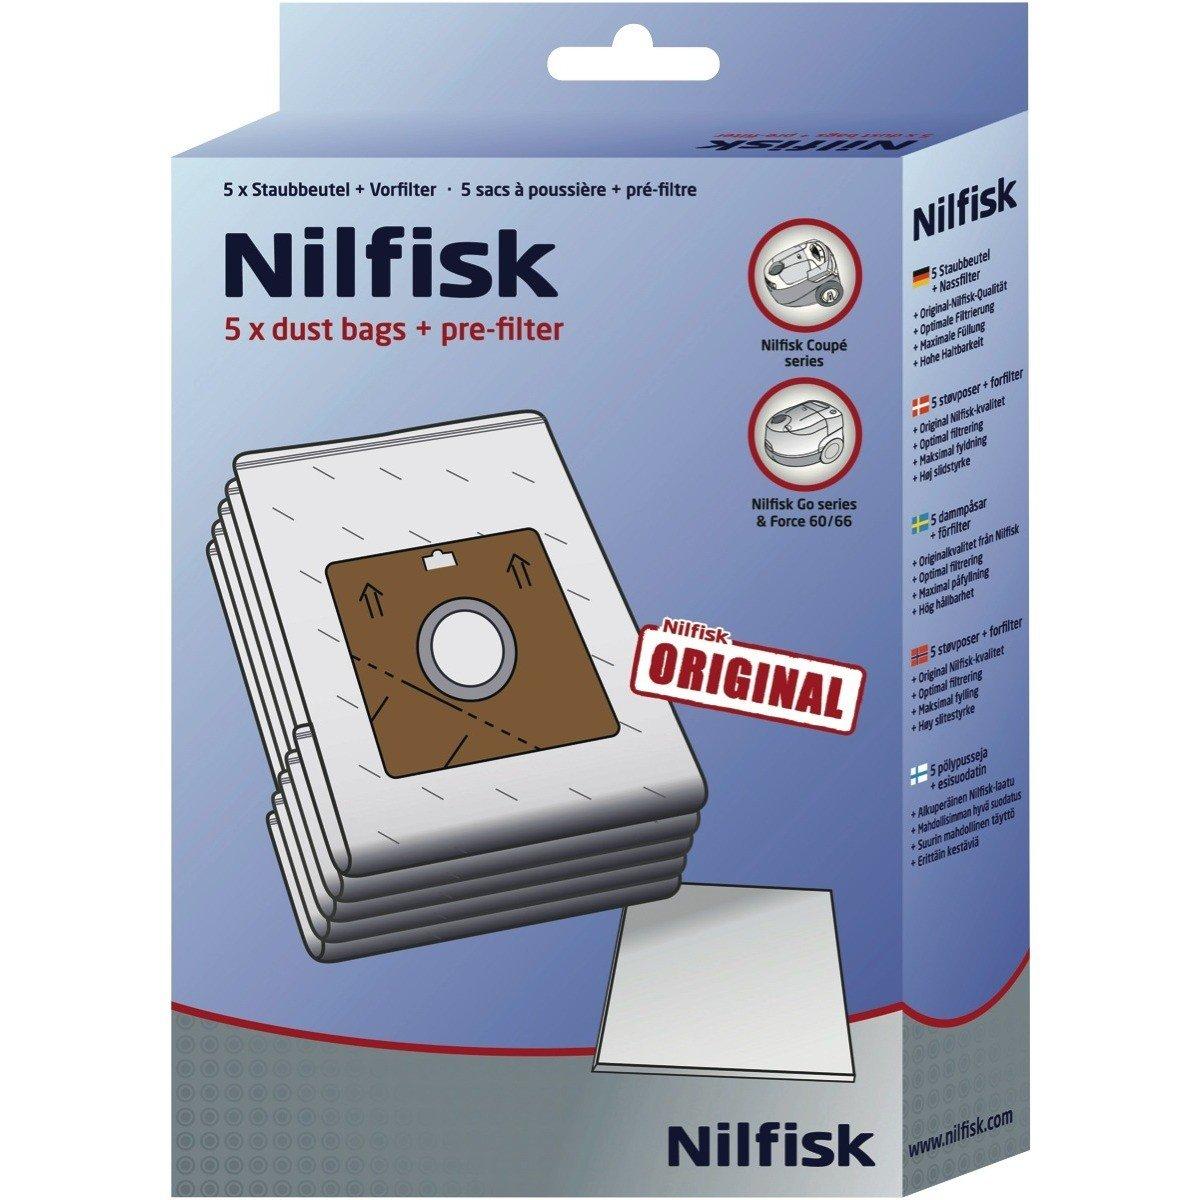 Amazon.com: Nilfisk 78600900 a 5 a Coupe parquet: Home & Kitchen